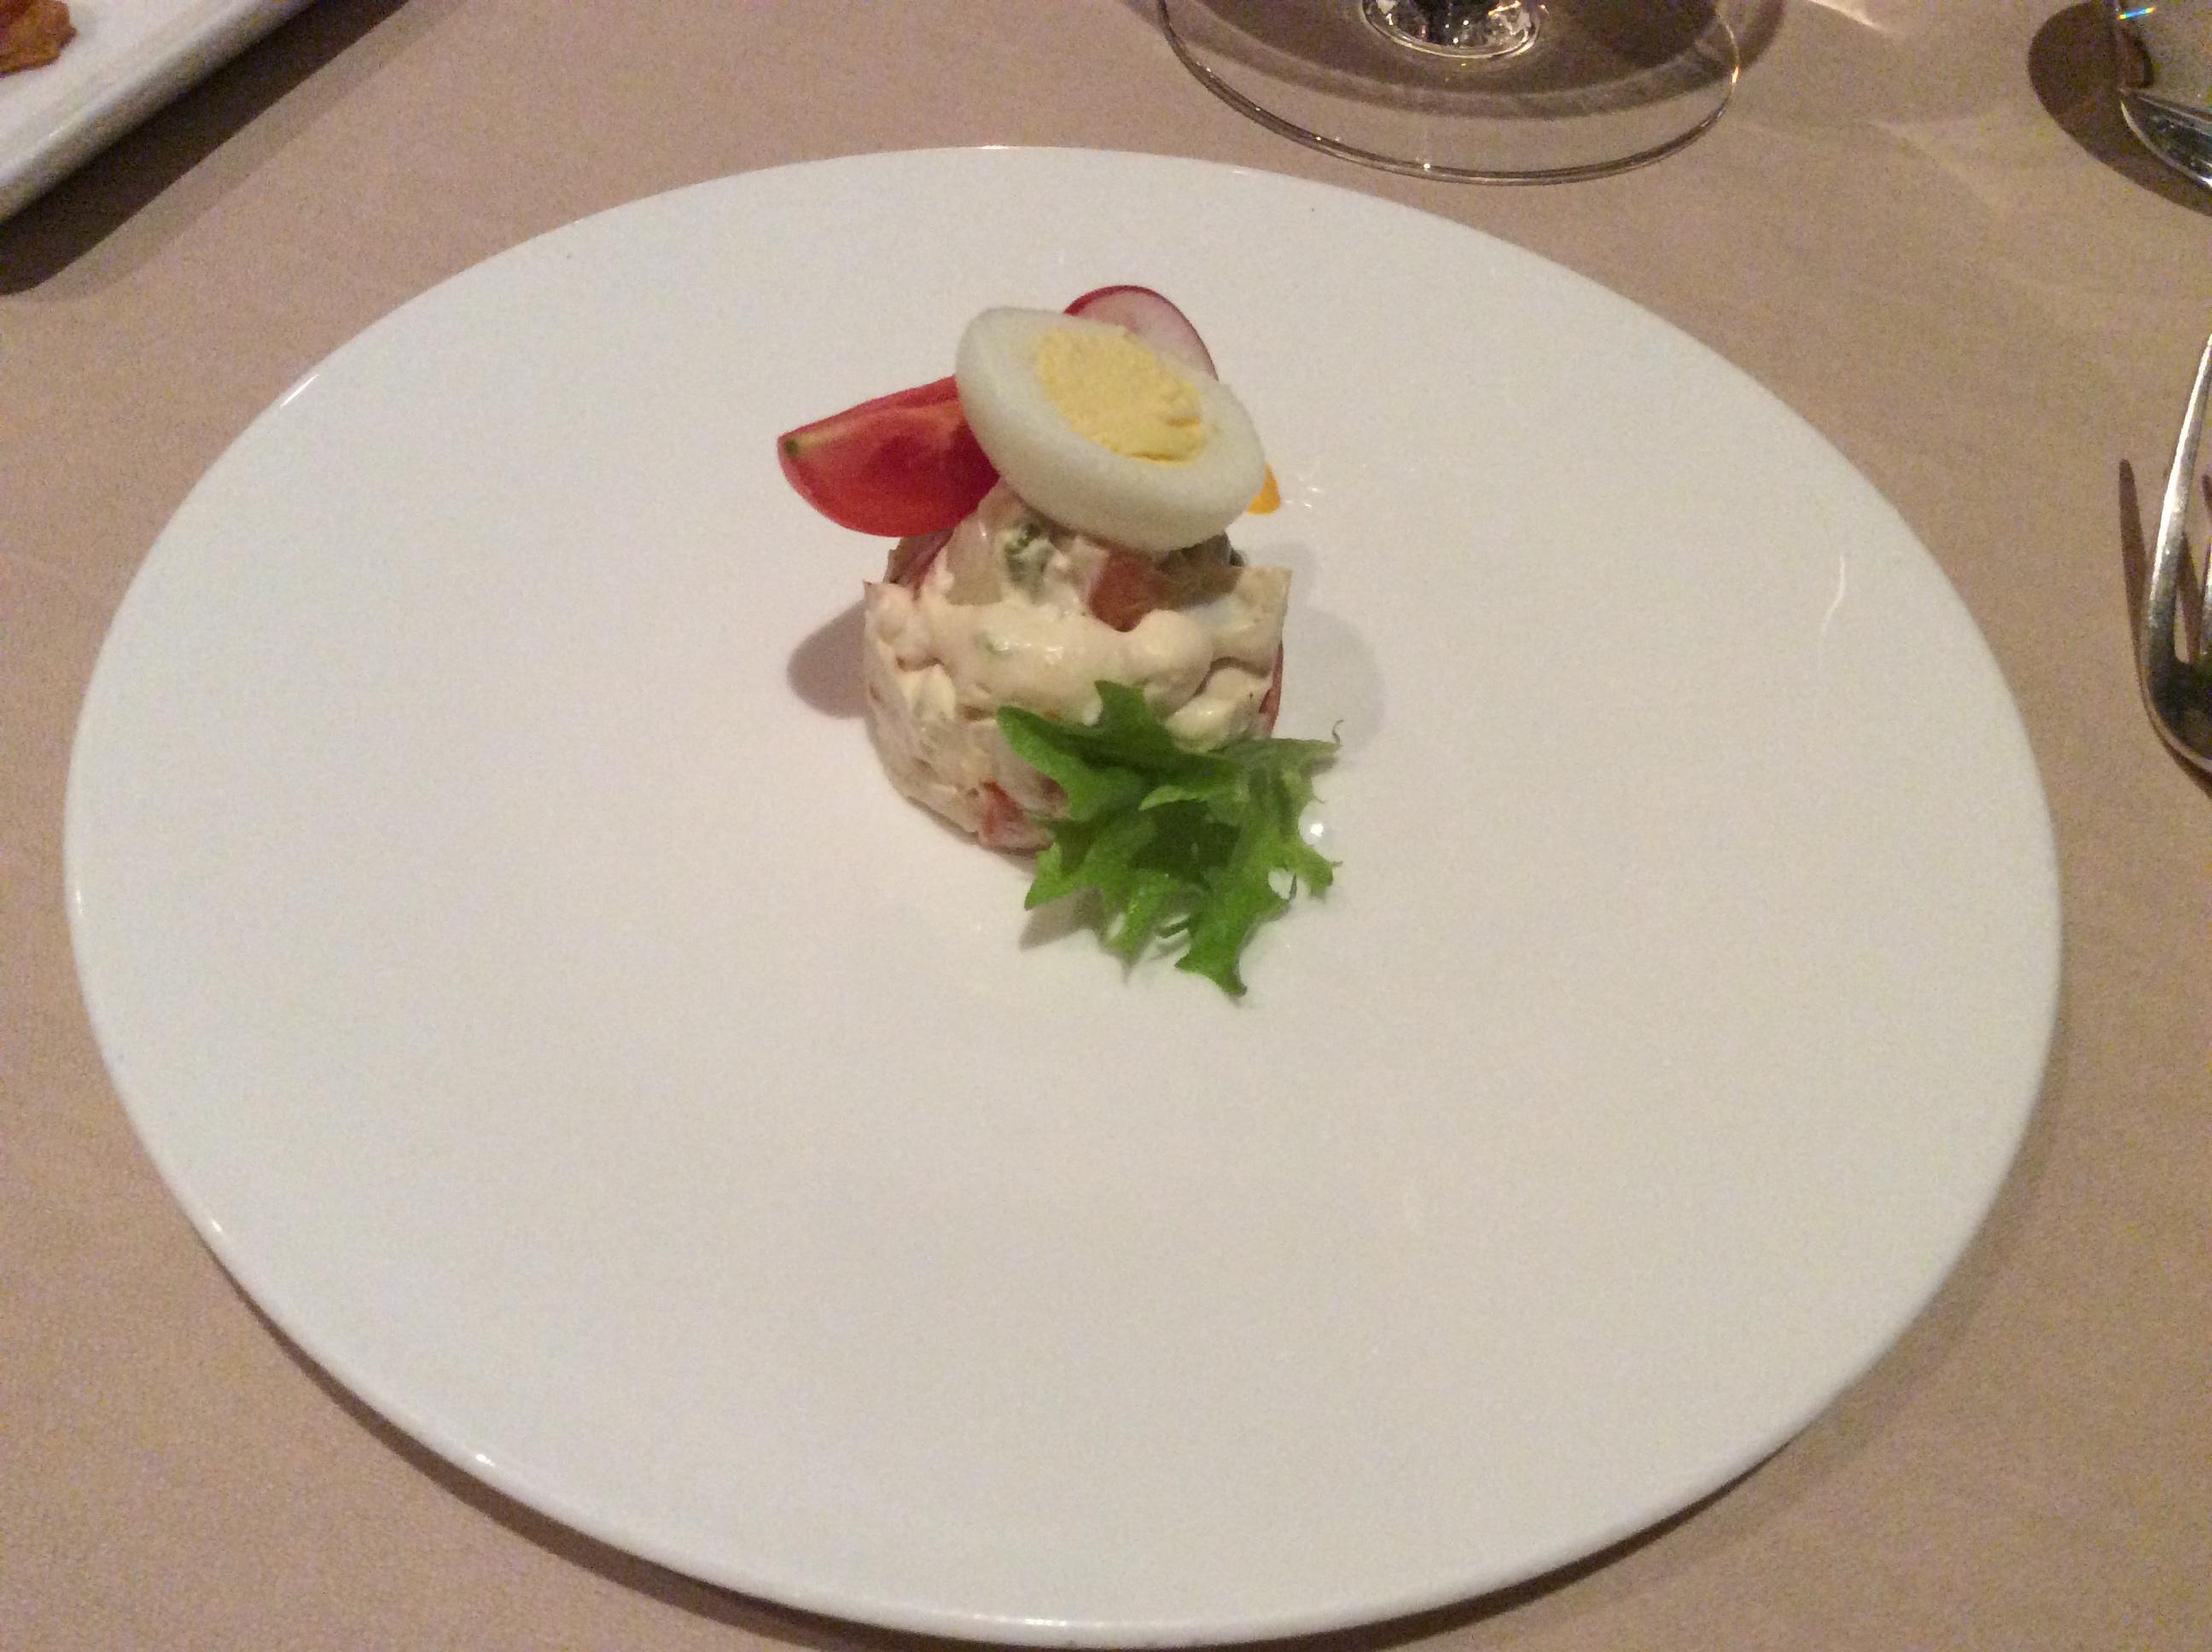 http://gourmet-italian.com/375.JPG